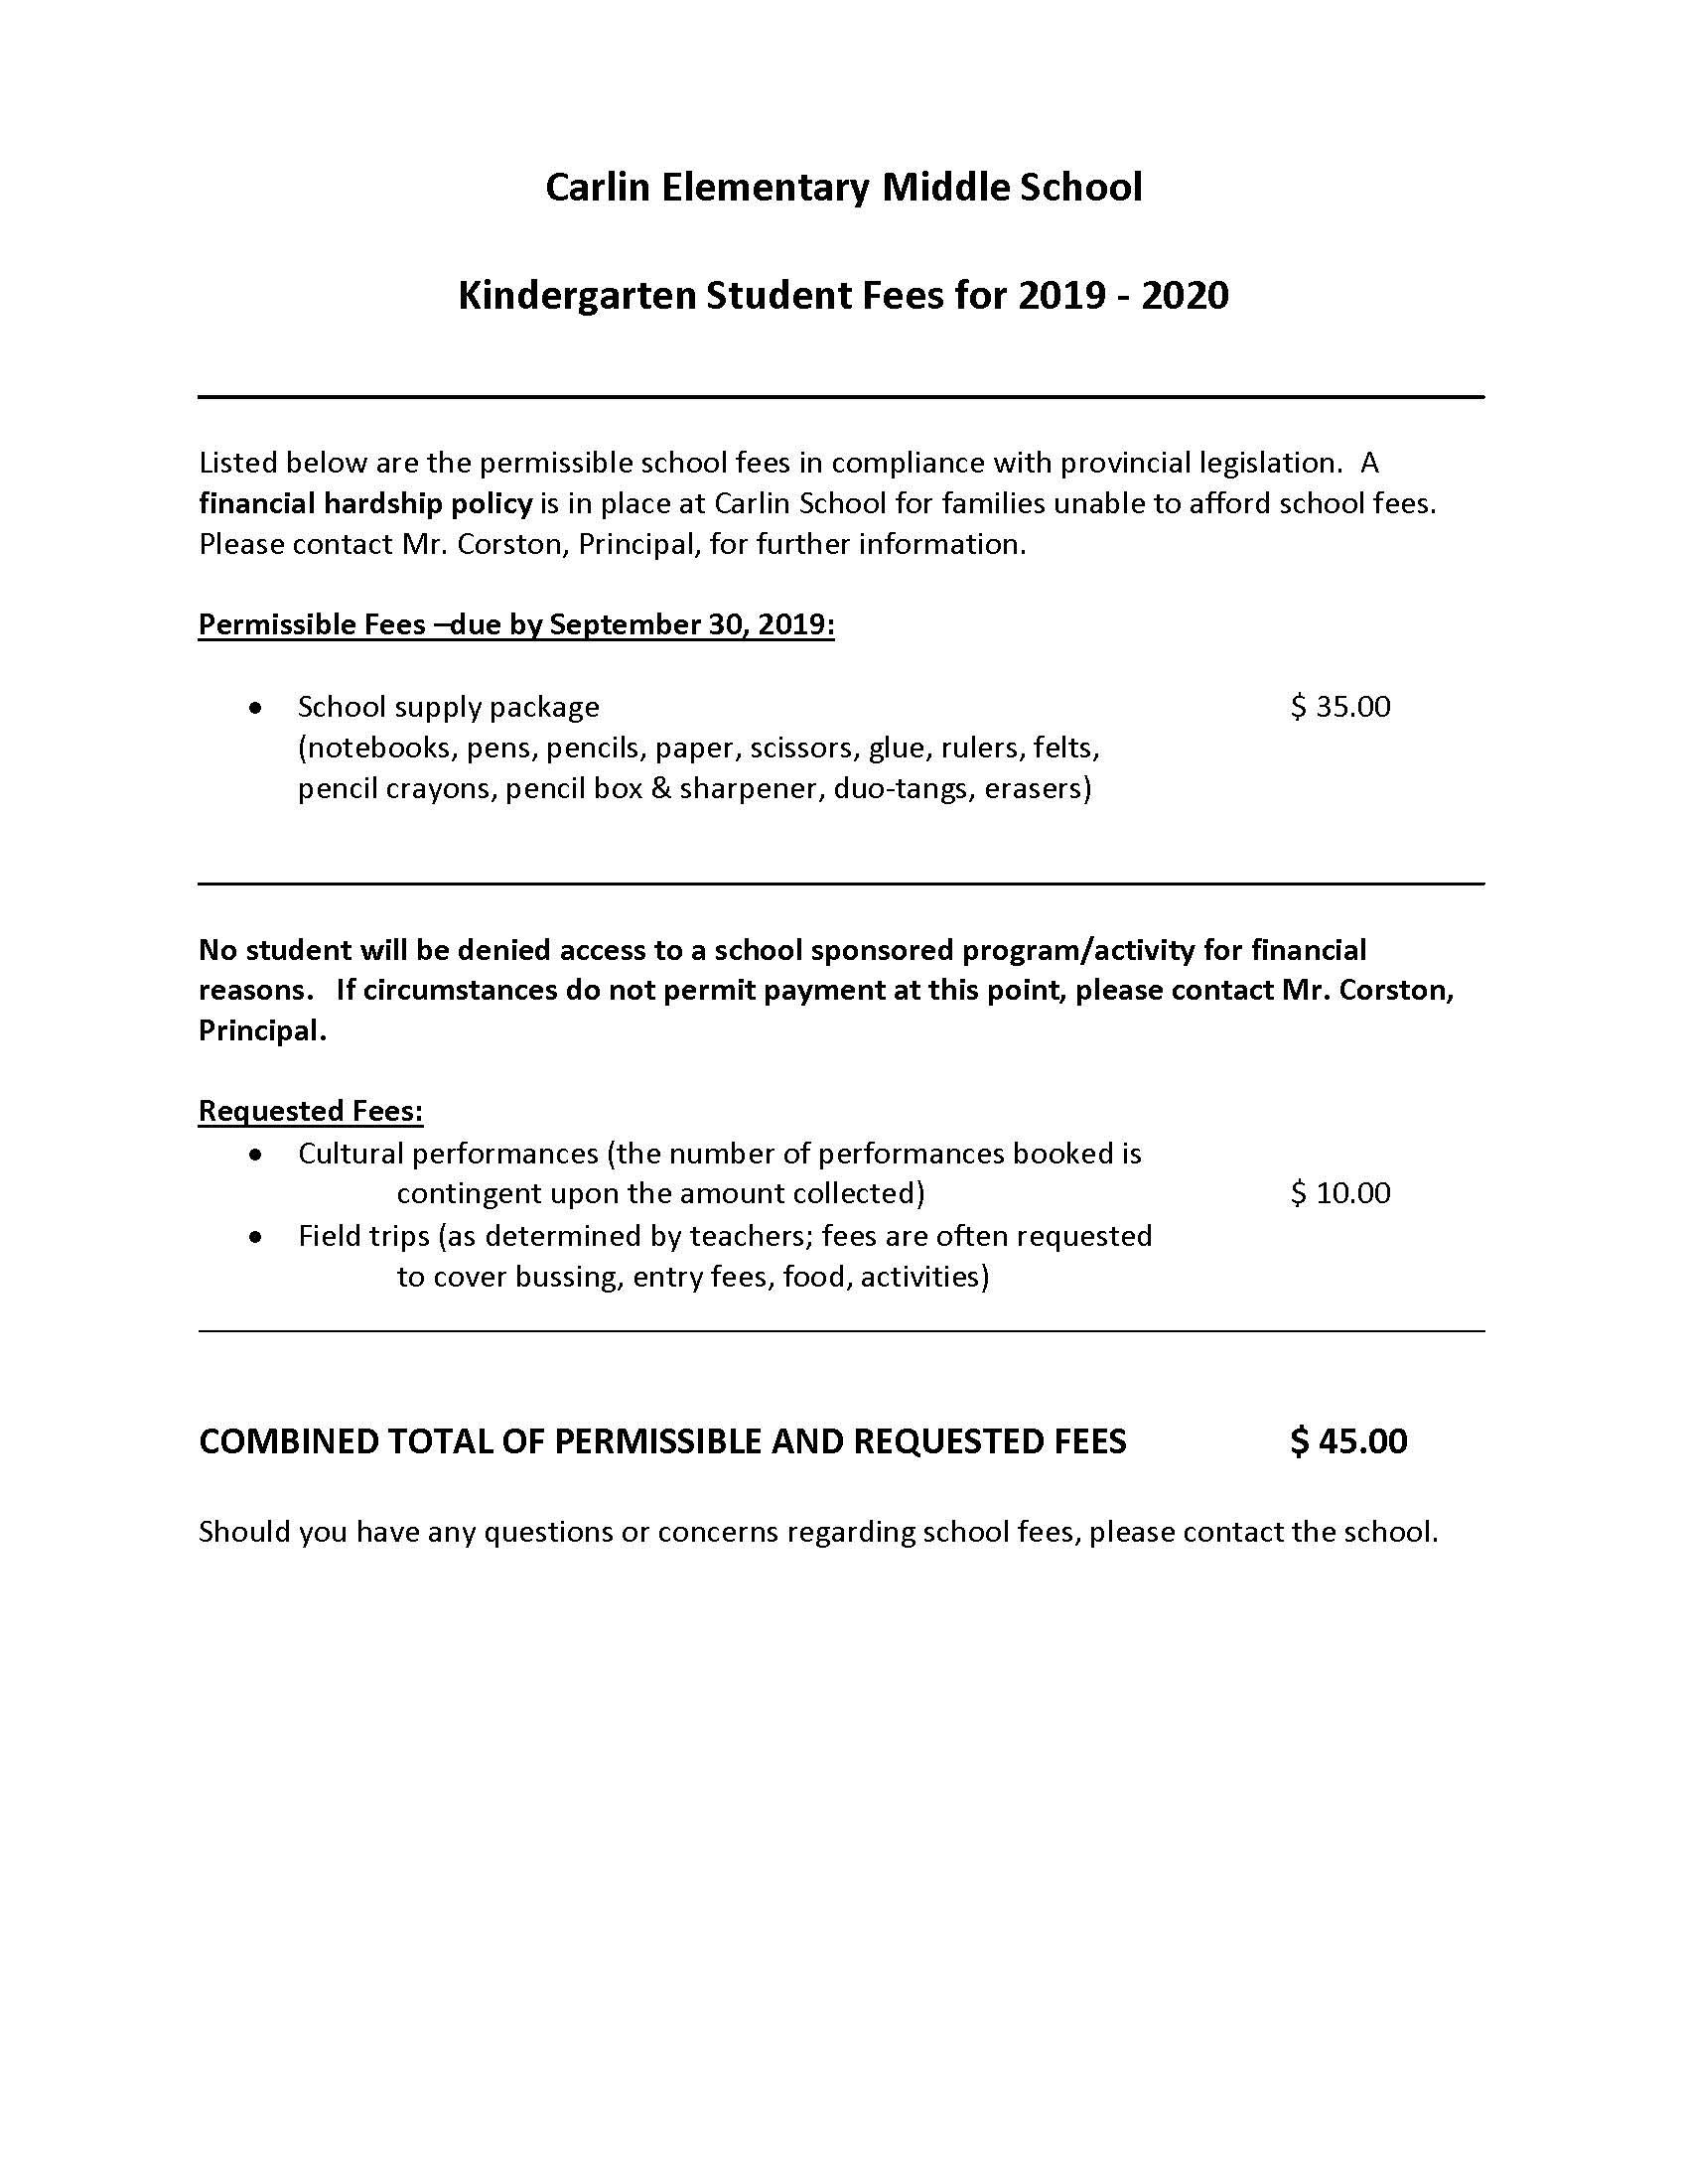 KINDERGARTEN SCHOOL FEES 2019_20